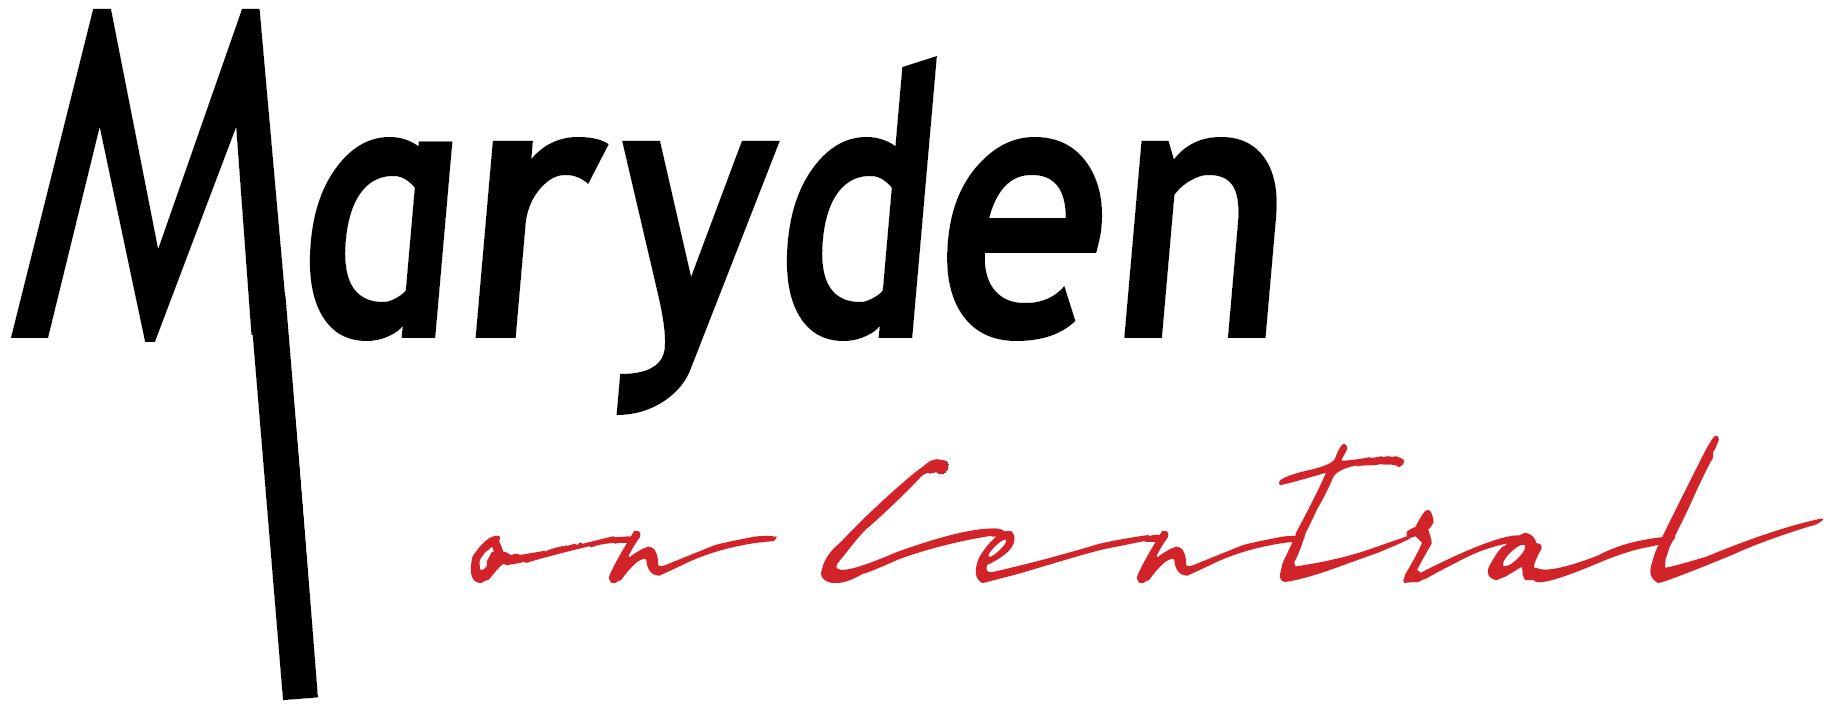 Maryden Logo.JPG